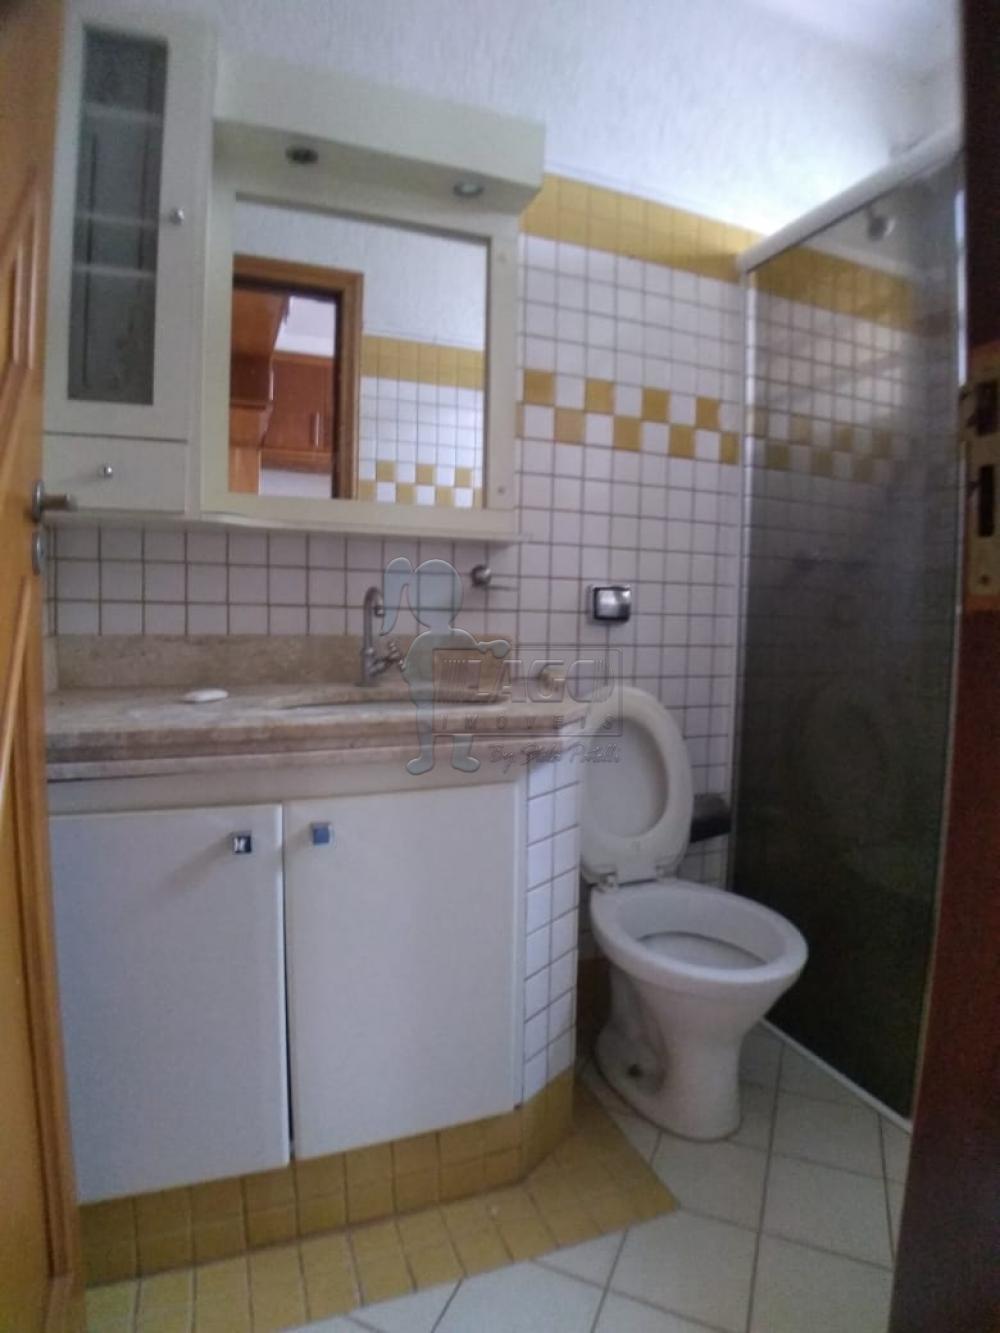 Alugar Casas / Condomínio em Ribeirão Preto apenas R$ 1.400,00 - Foto 3